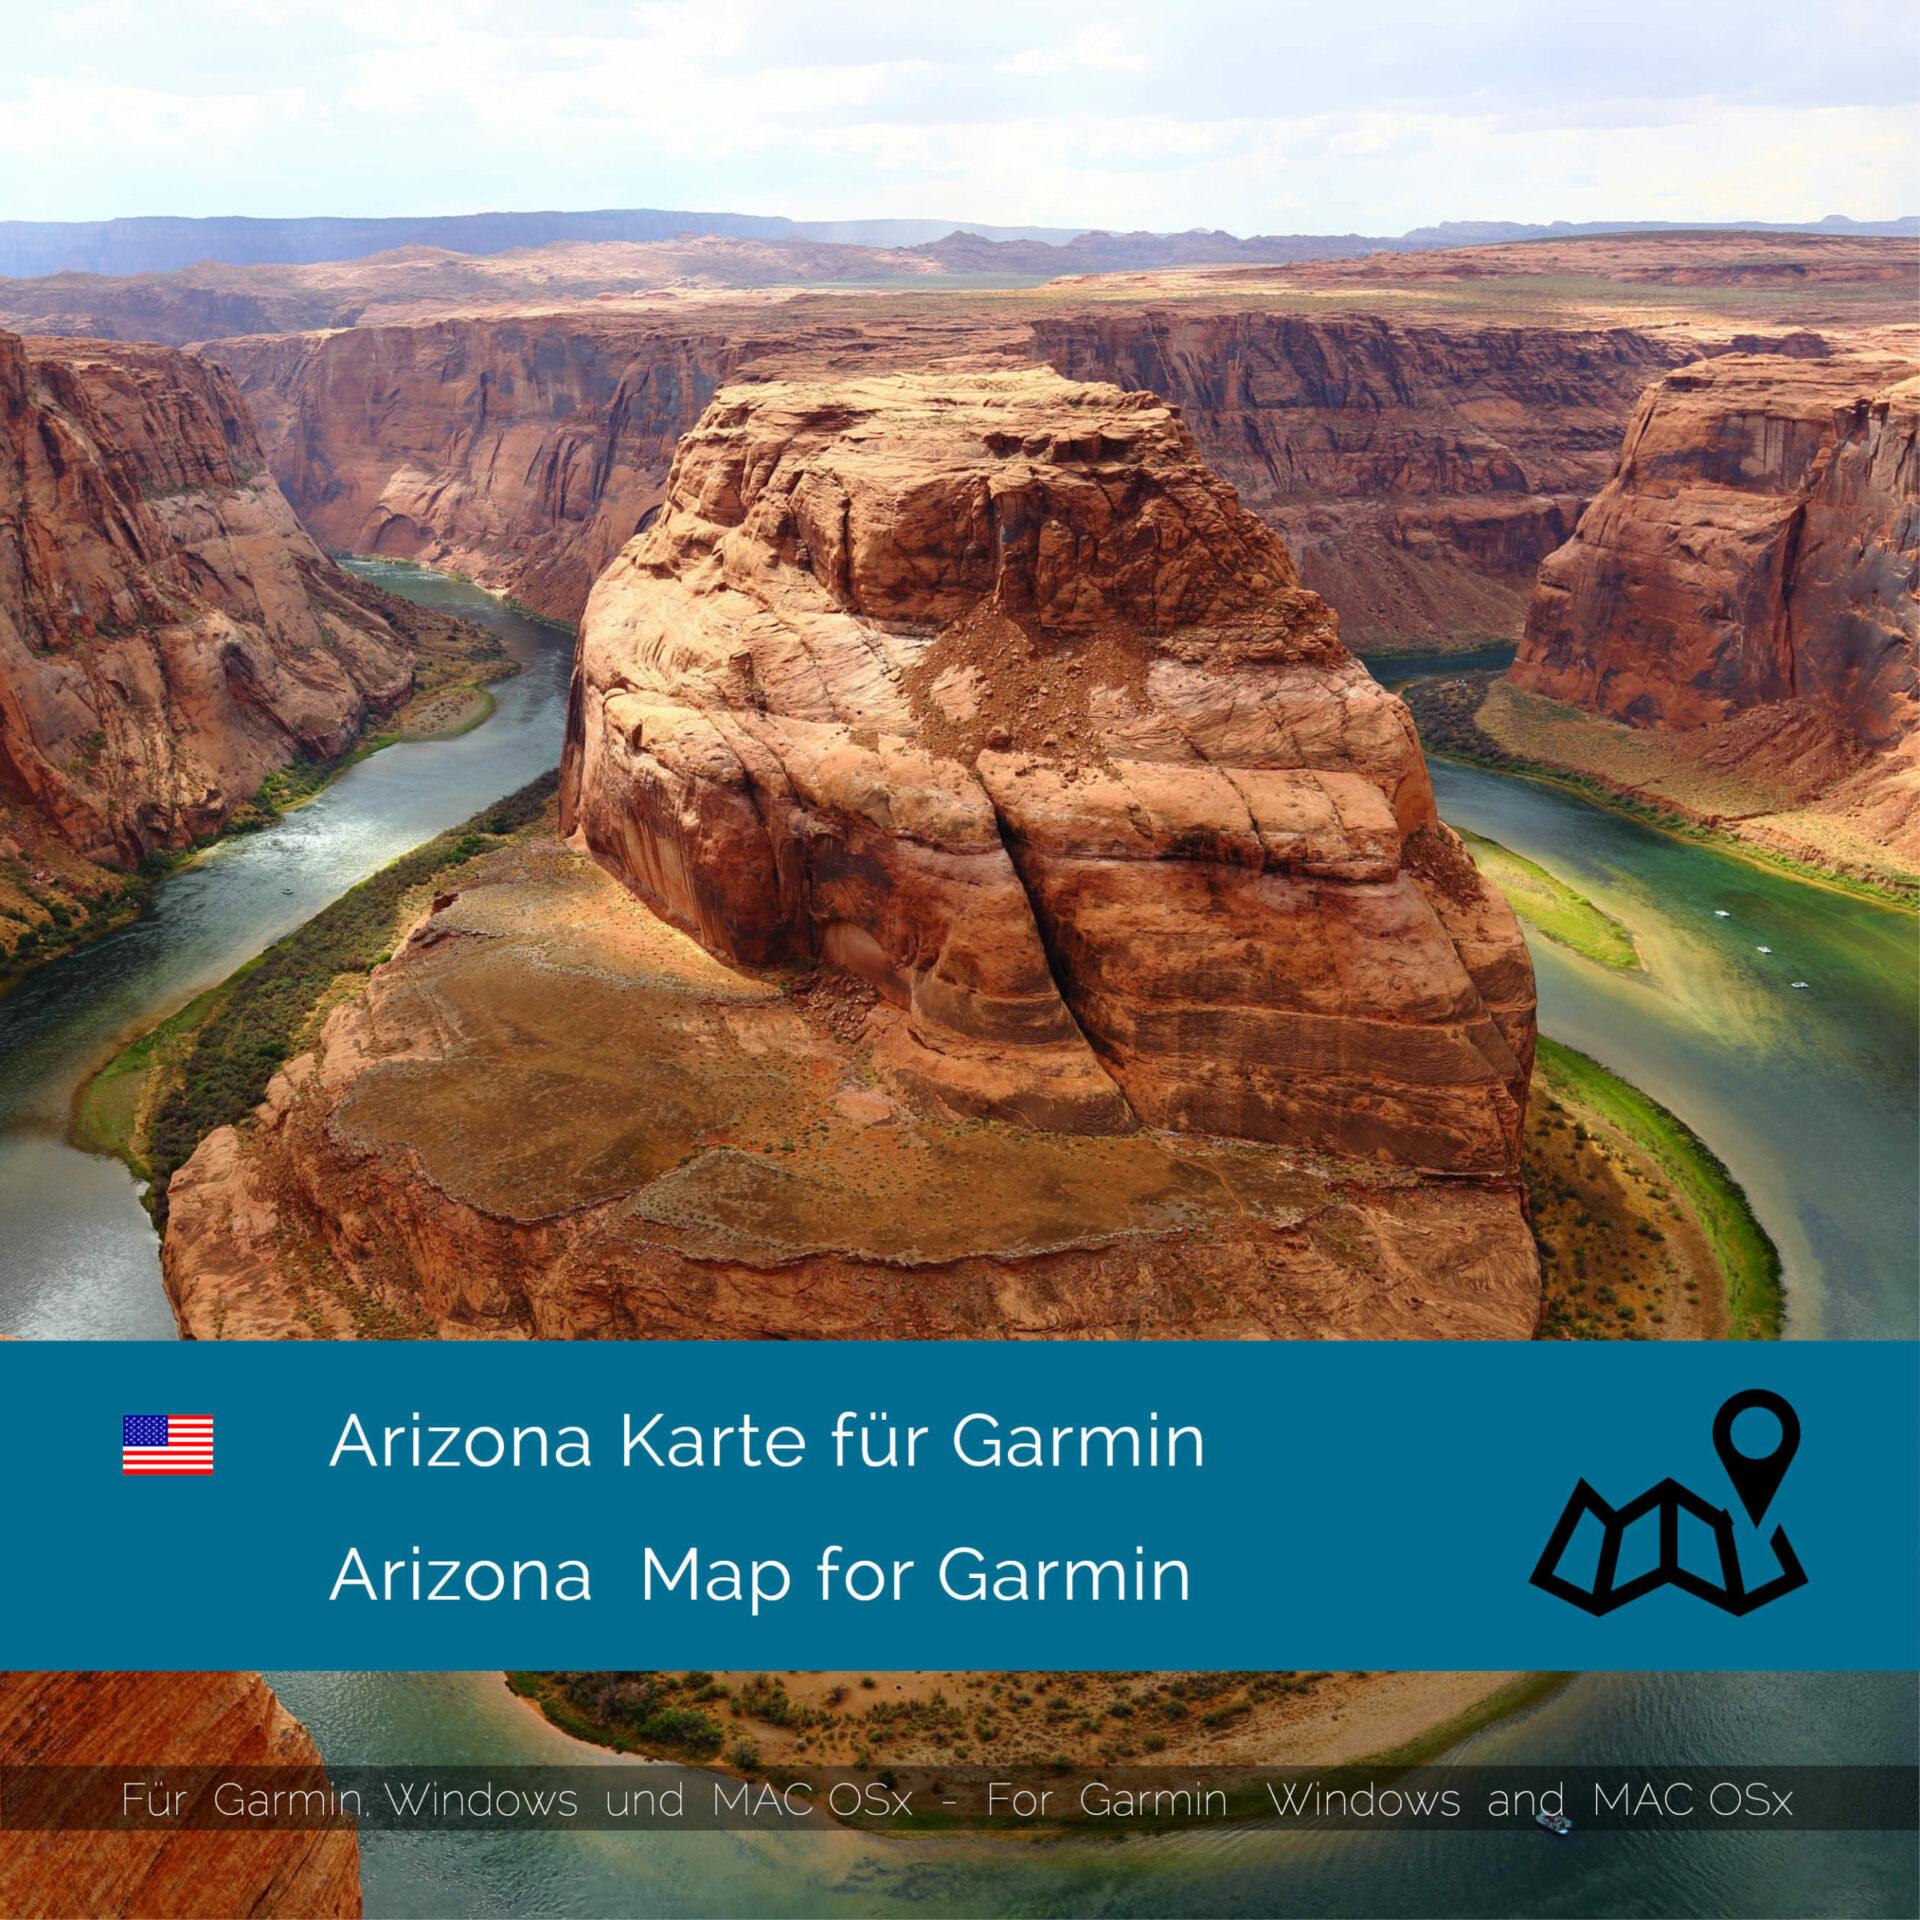 Garmin Us Map Download Arizona (USA)   Download GPS Map for Garmin   Garmin WorldMaps